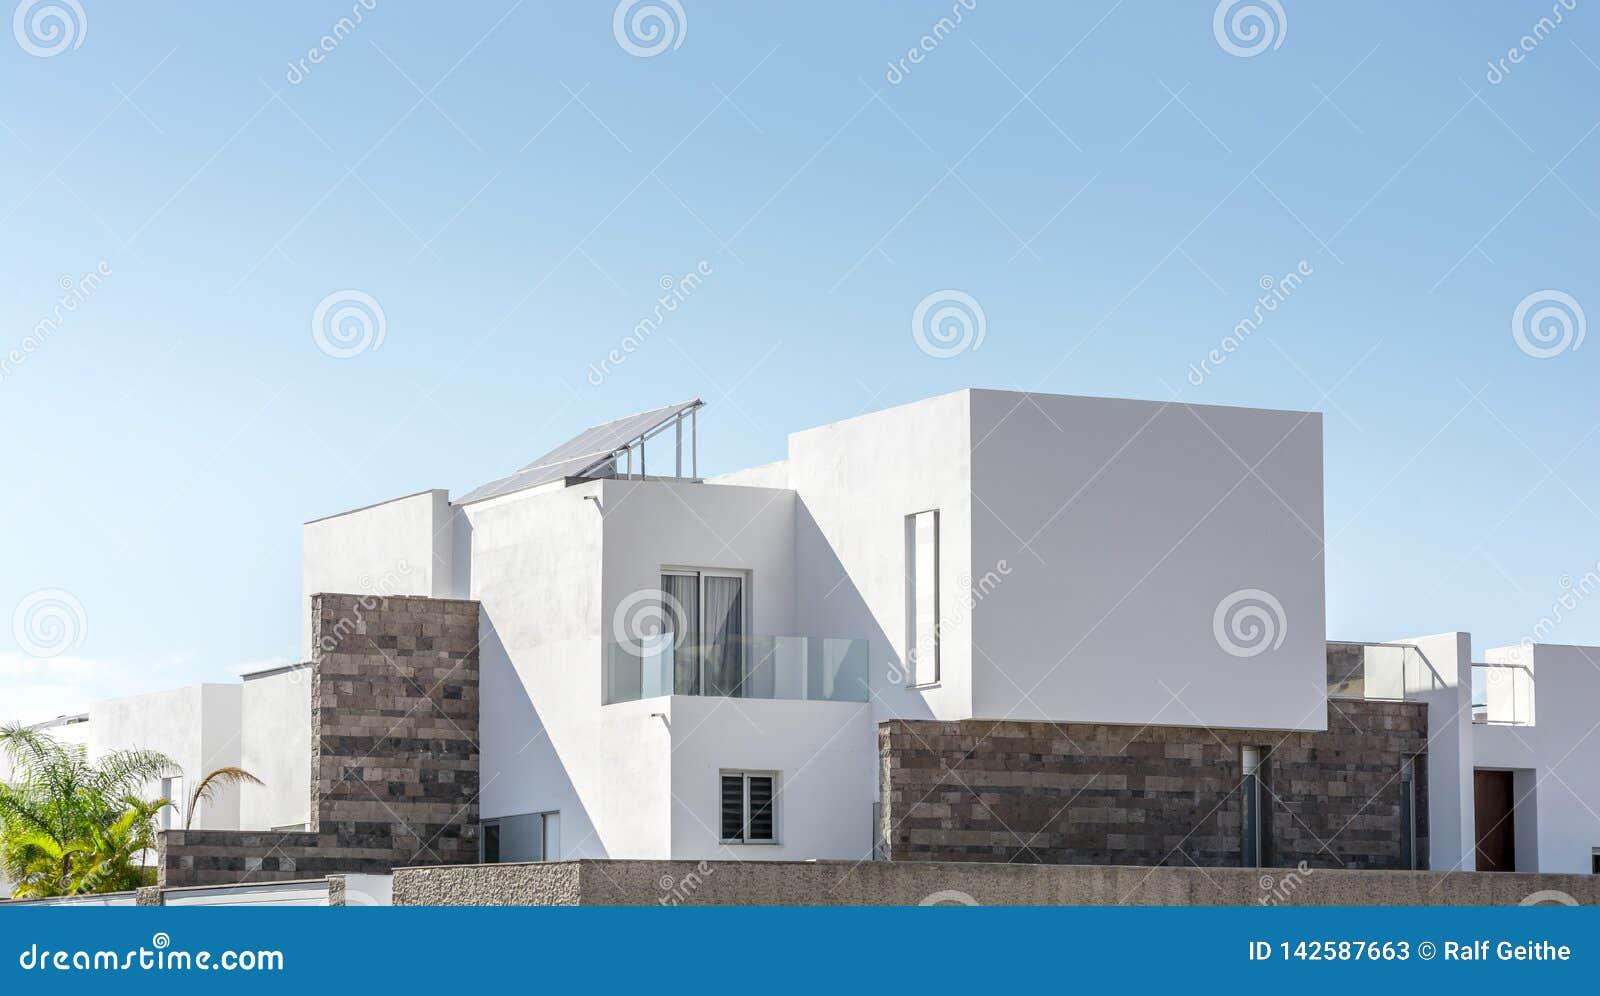 有现代建筑学的豪华住宅房子在晴朗的天空前面